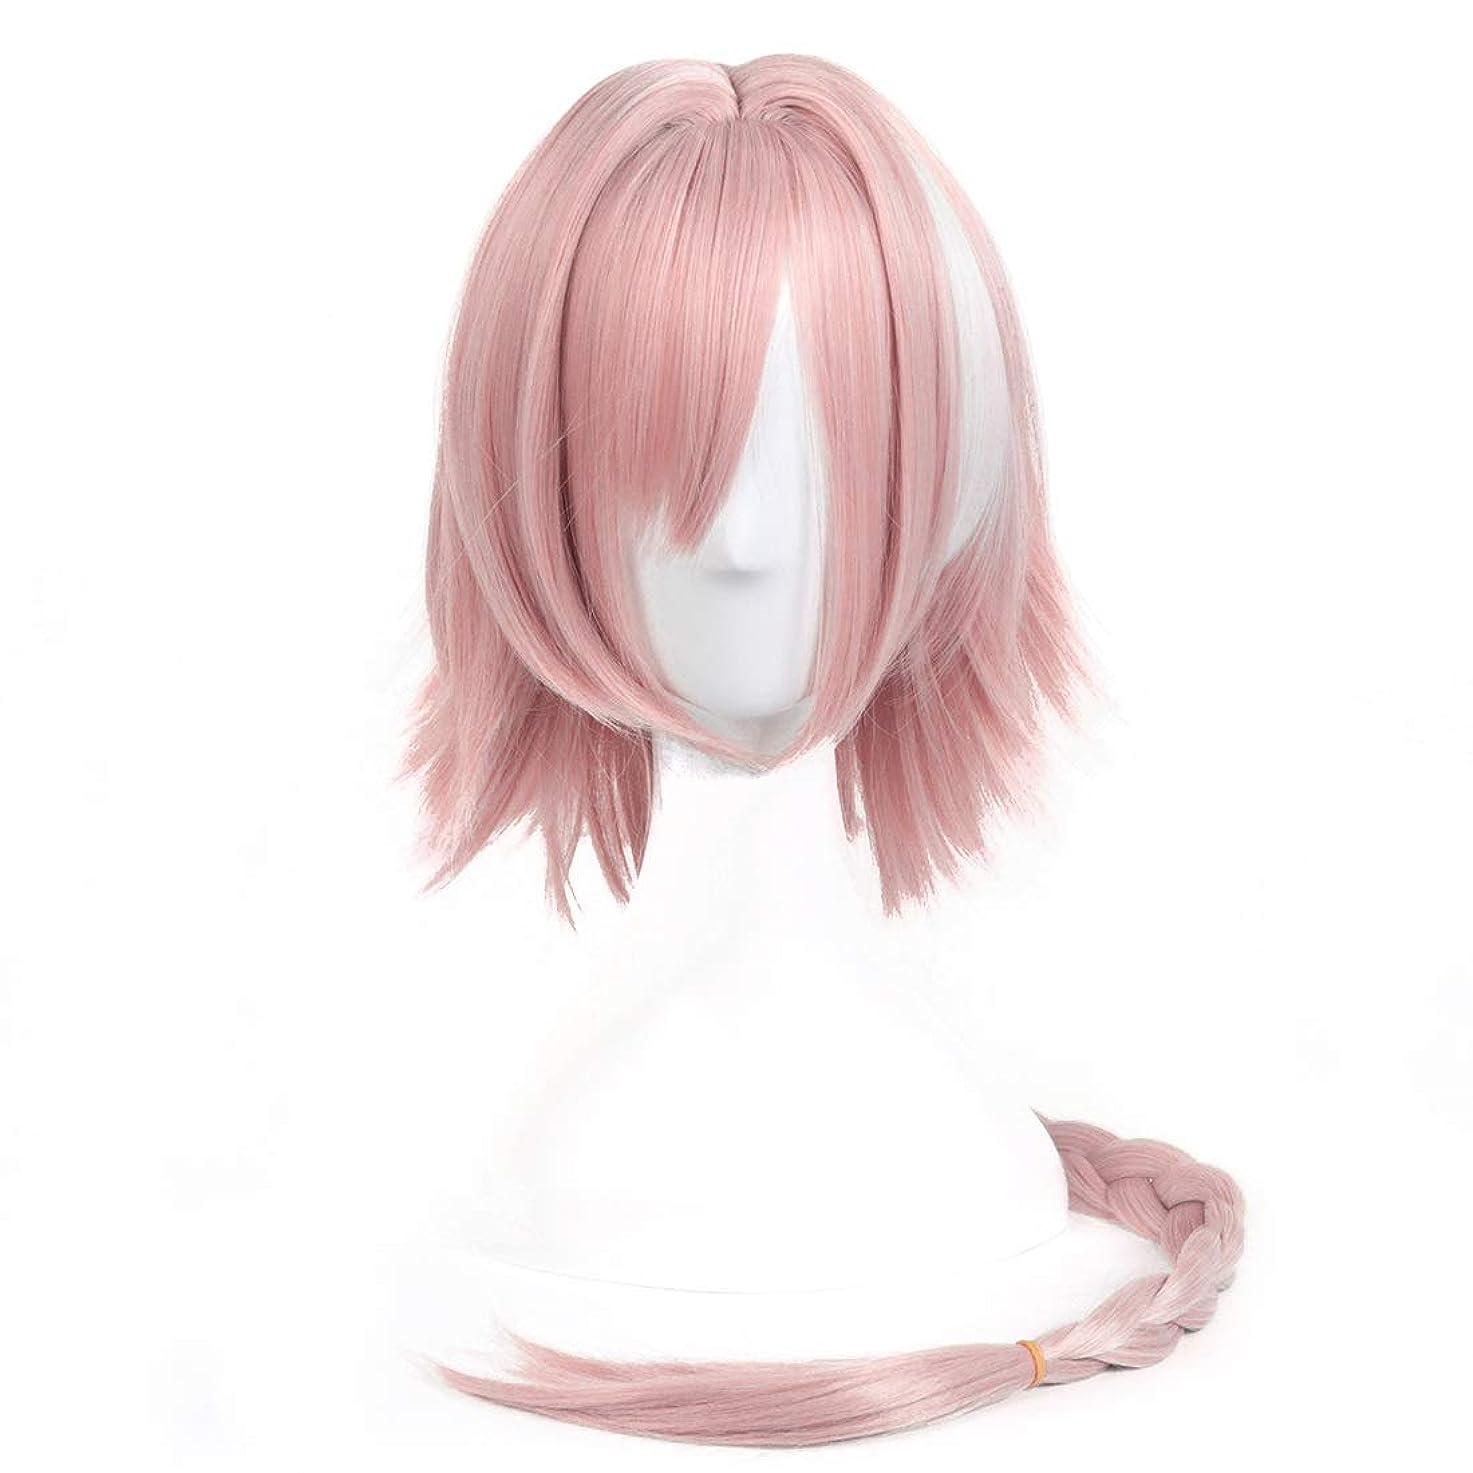 基準談話文房具Fate/ApocryphaのアニメキャラクターAstolfo Wigコスプレウィッグ (Color : Cherry powder)